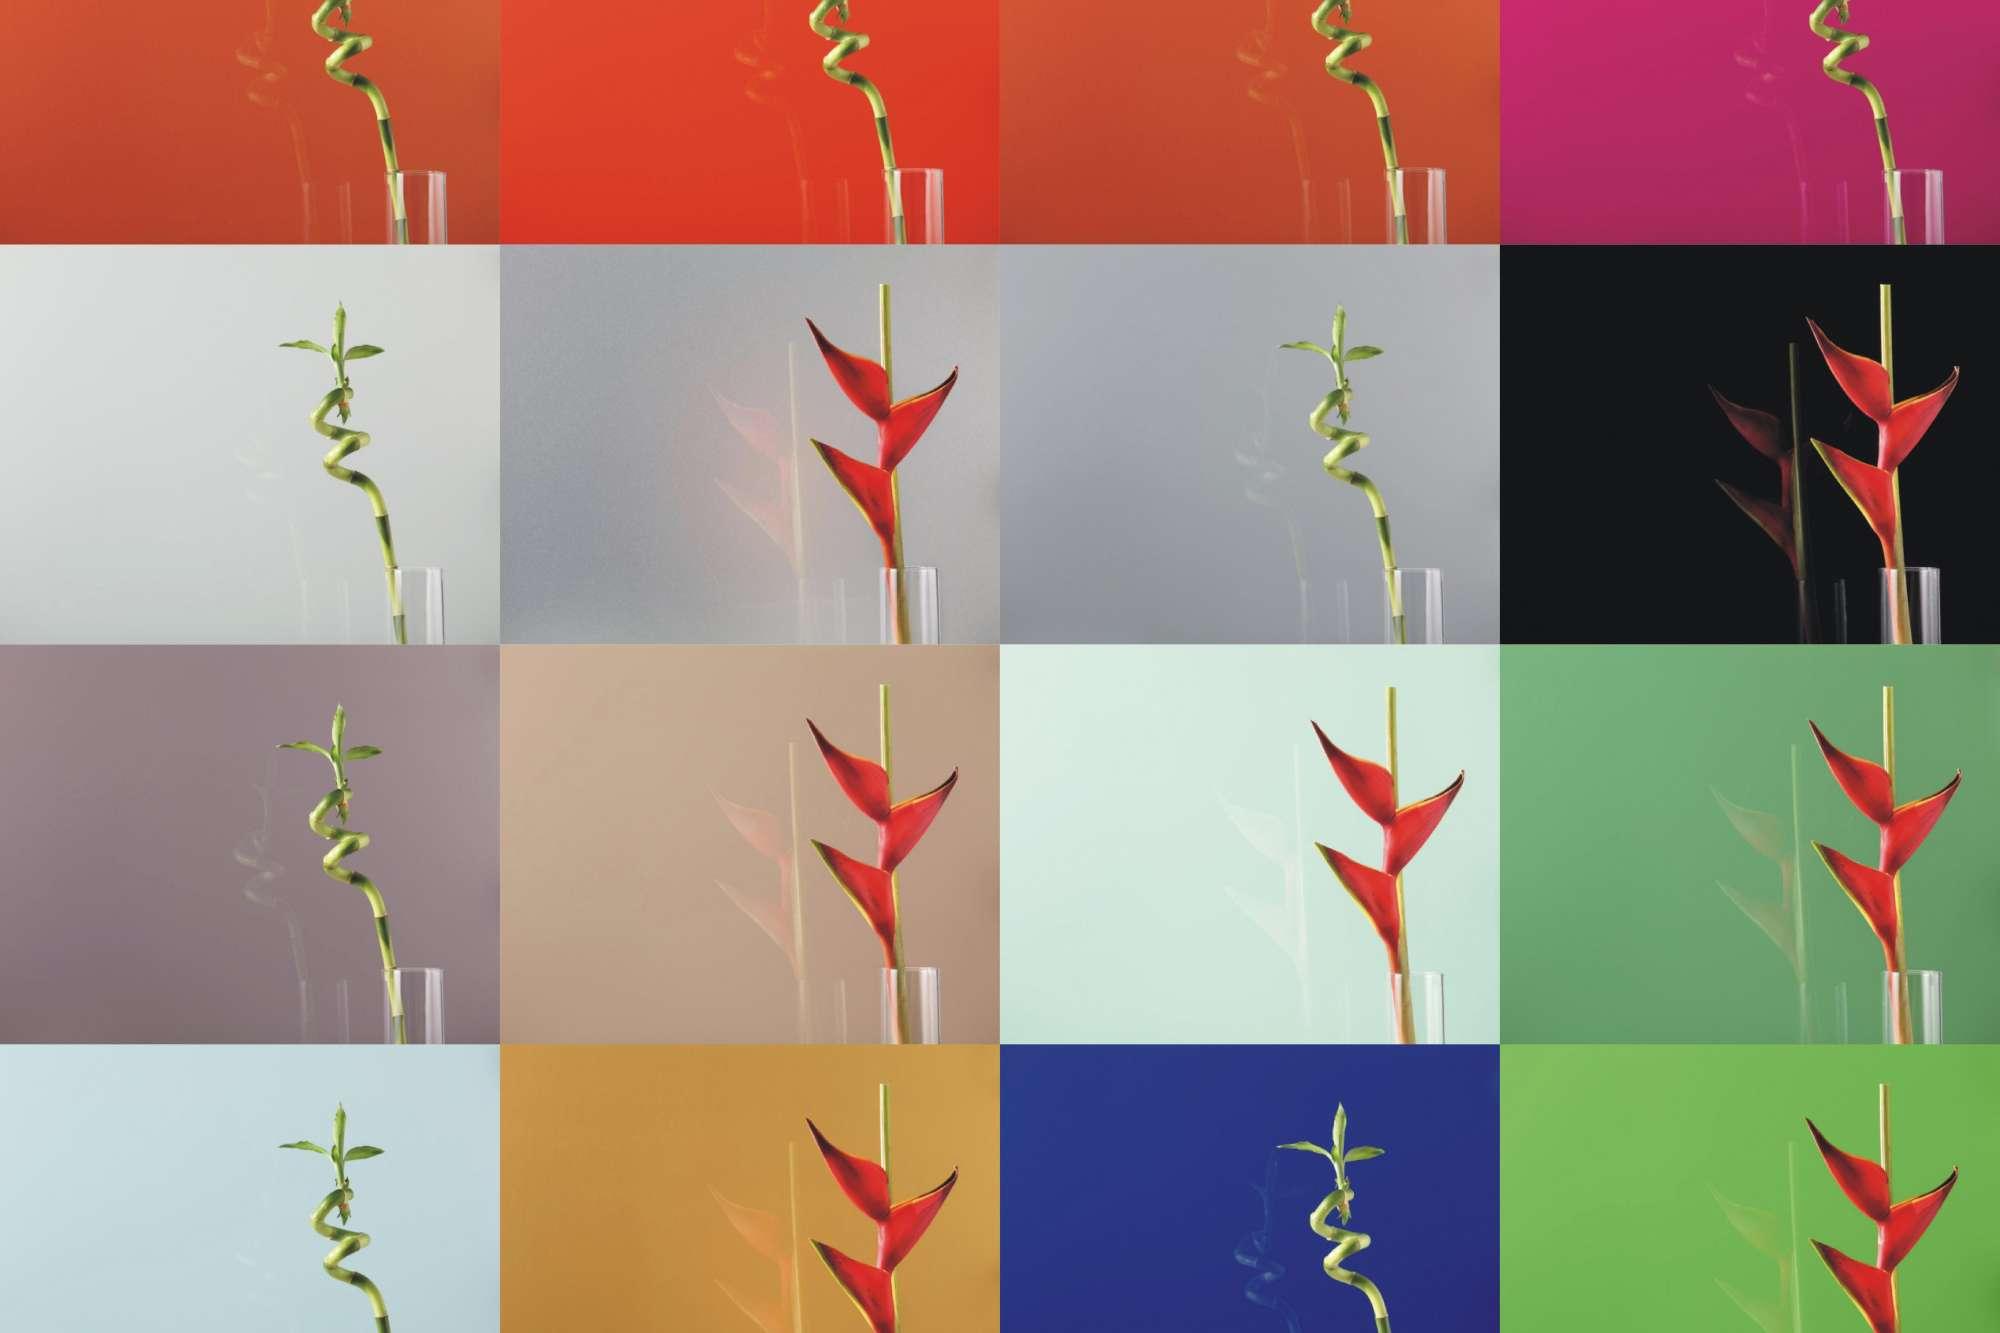 Lacobel Kolory Paleta Kolorow Krakow - Kolorowe szkło (Lacobel) w łazience